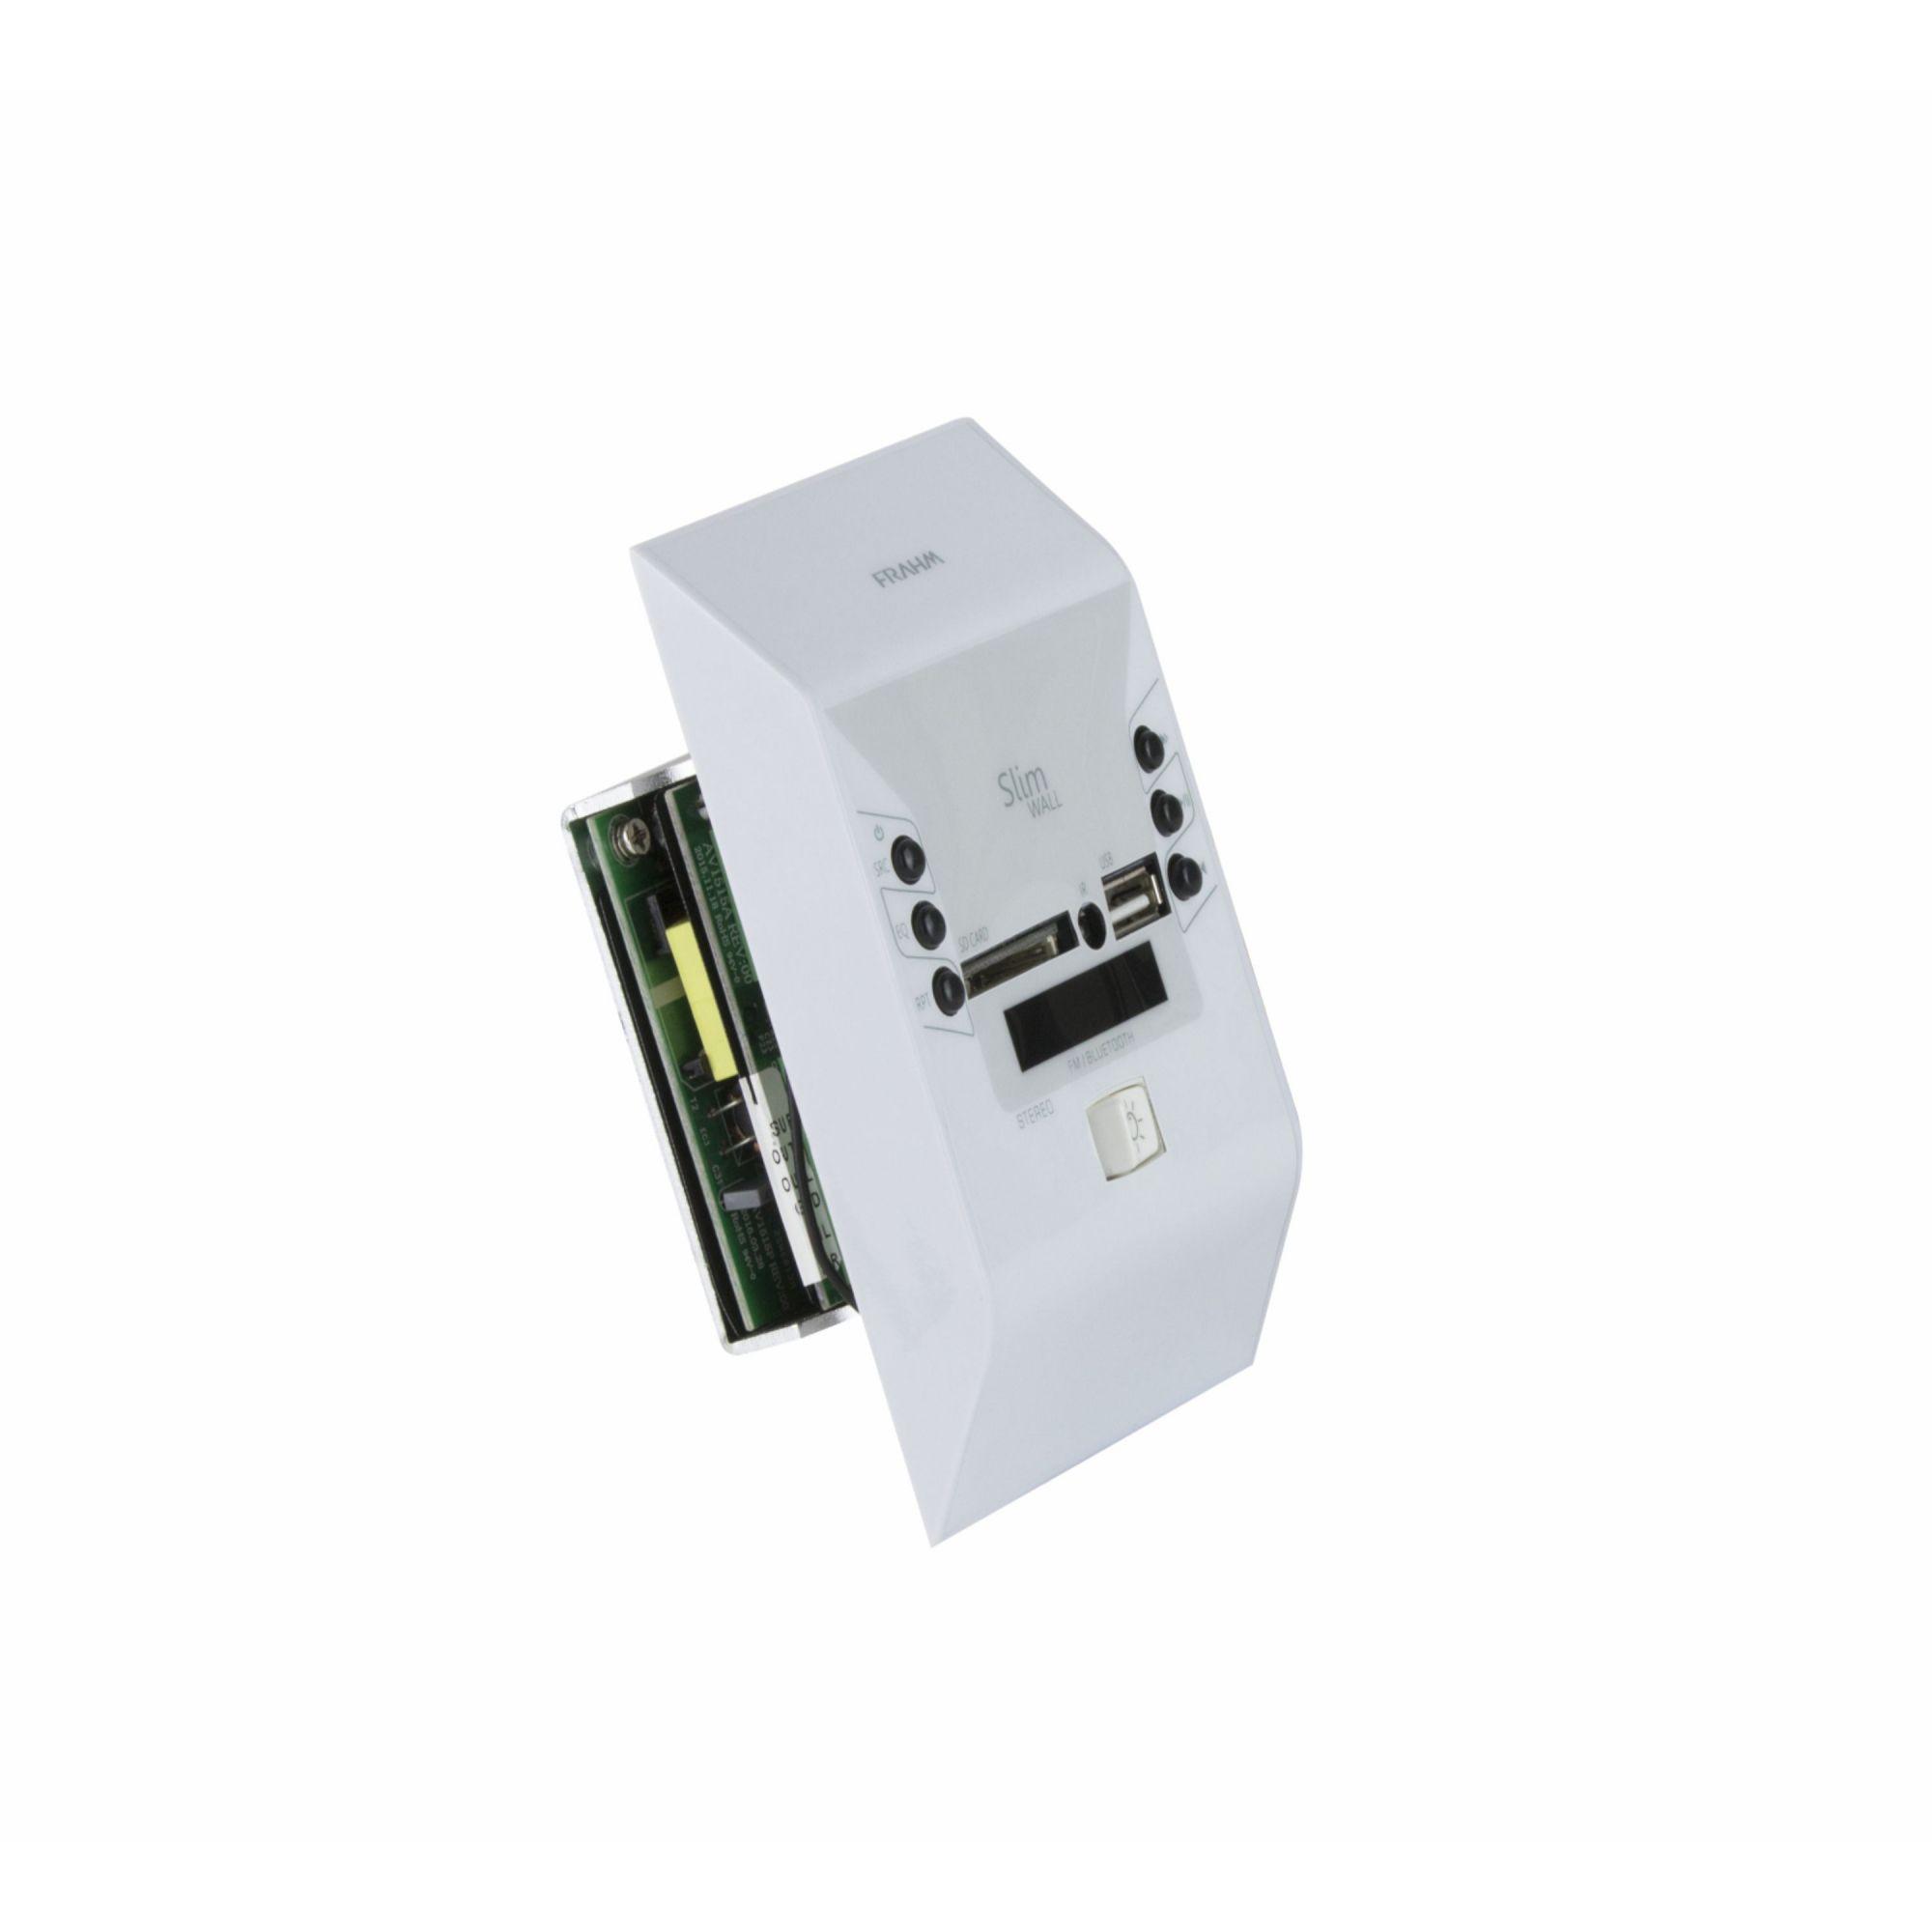 KIT Slim Wall Frahm – Amplificador Slim Wall + 2 Arandelas Retangulares – 160 W RMS